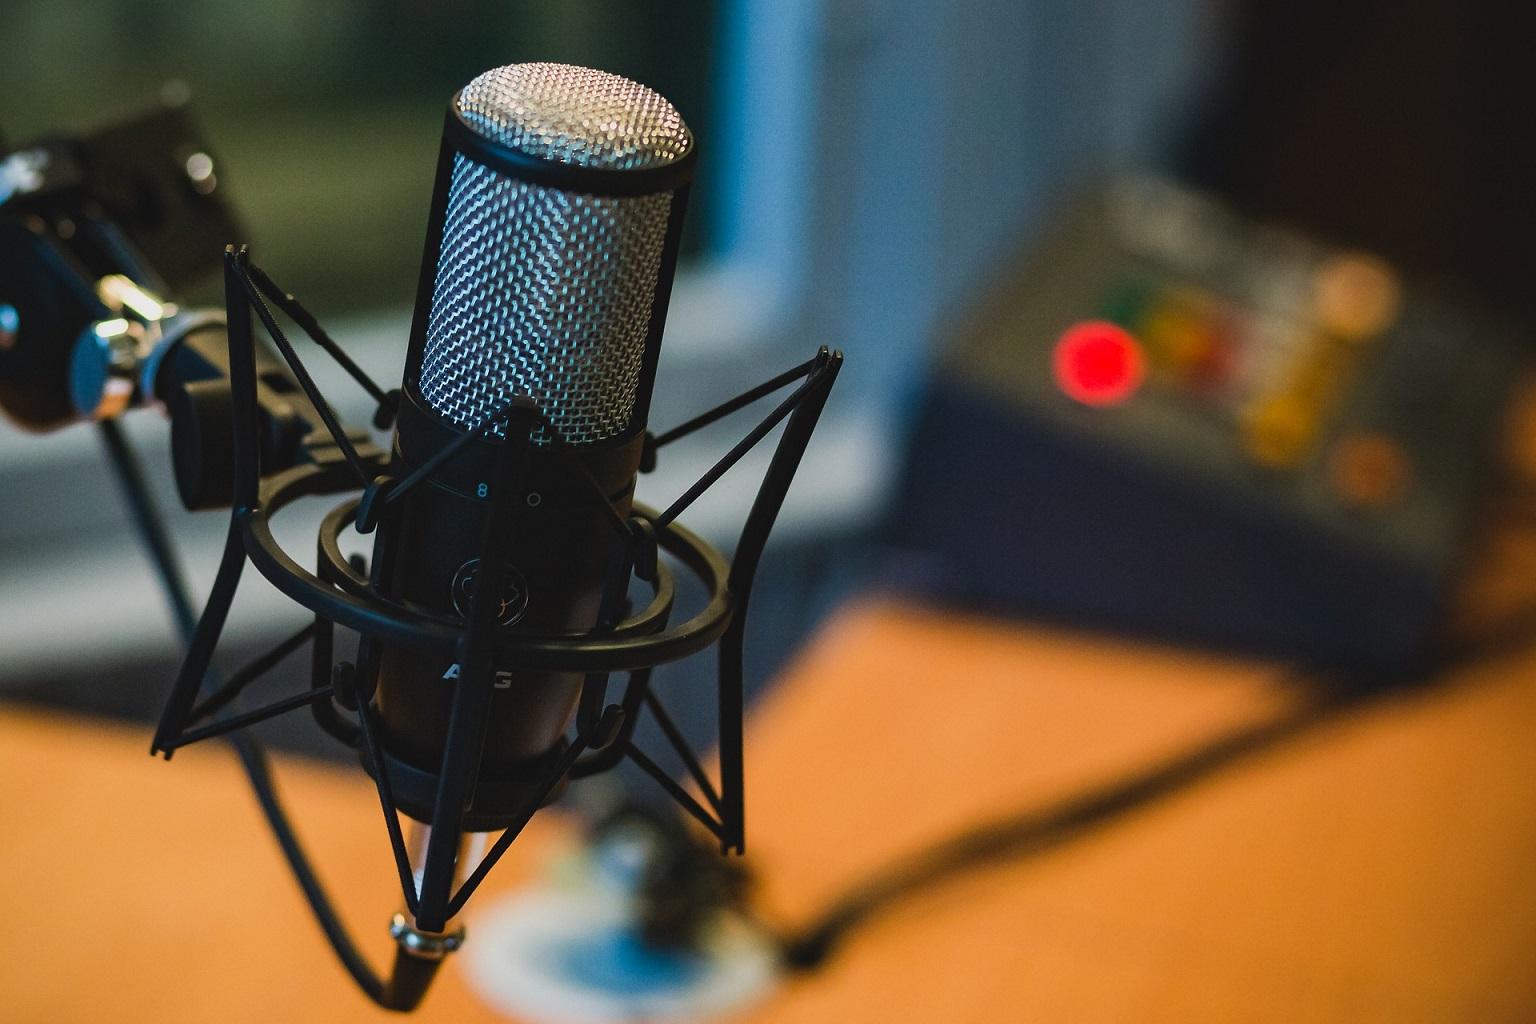 Podcasty - czy warto ich słuchać